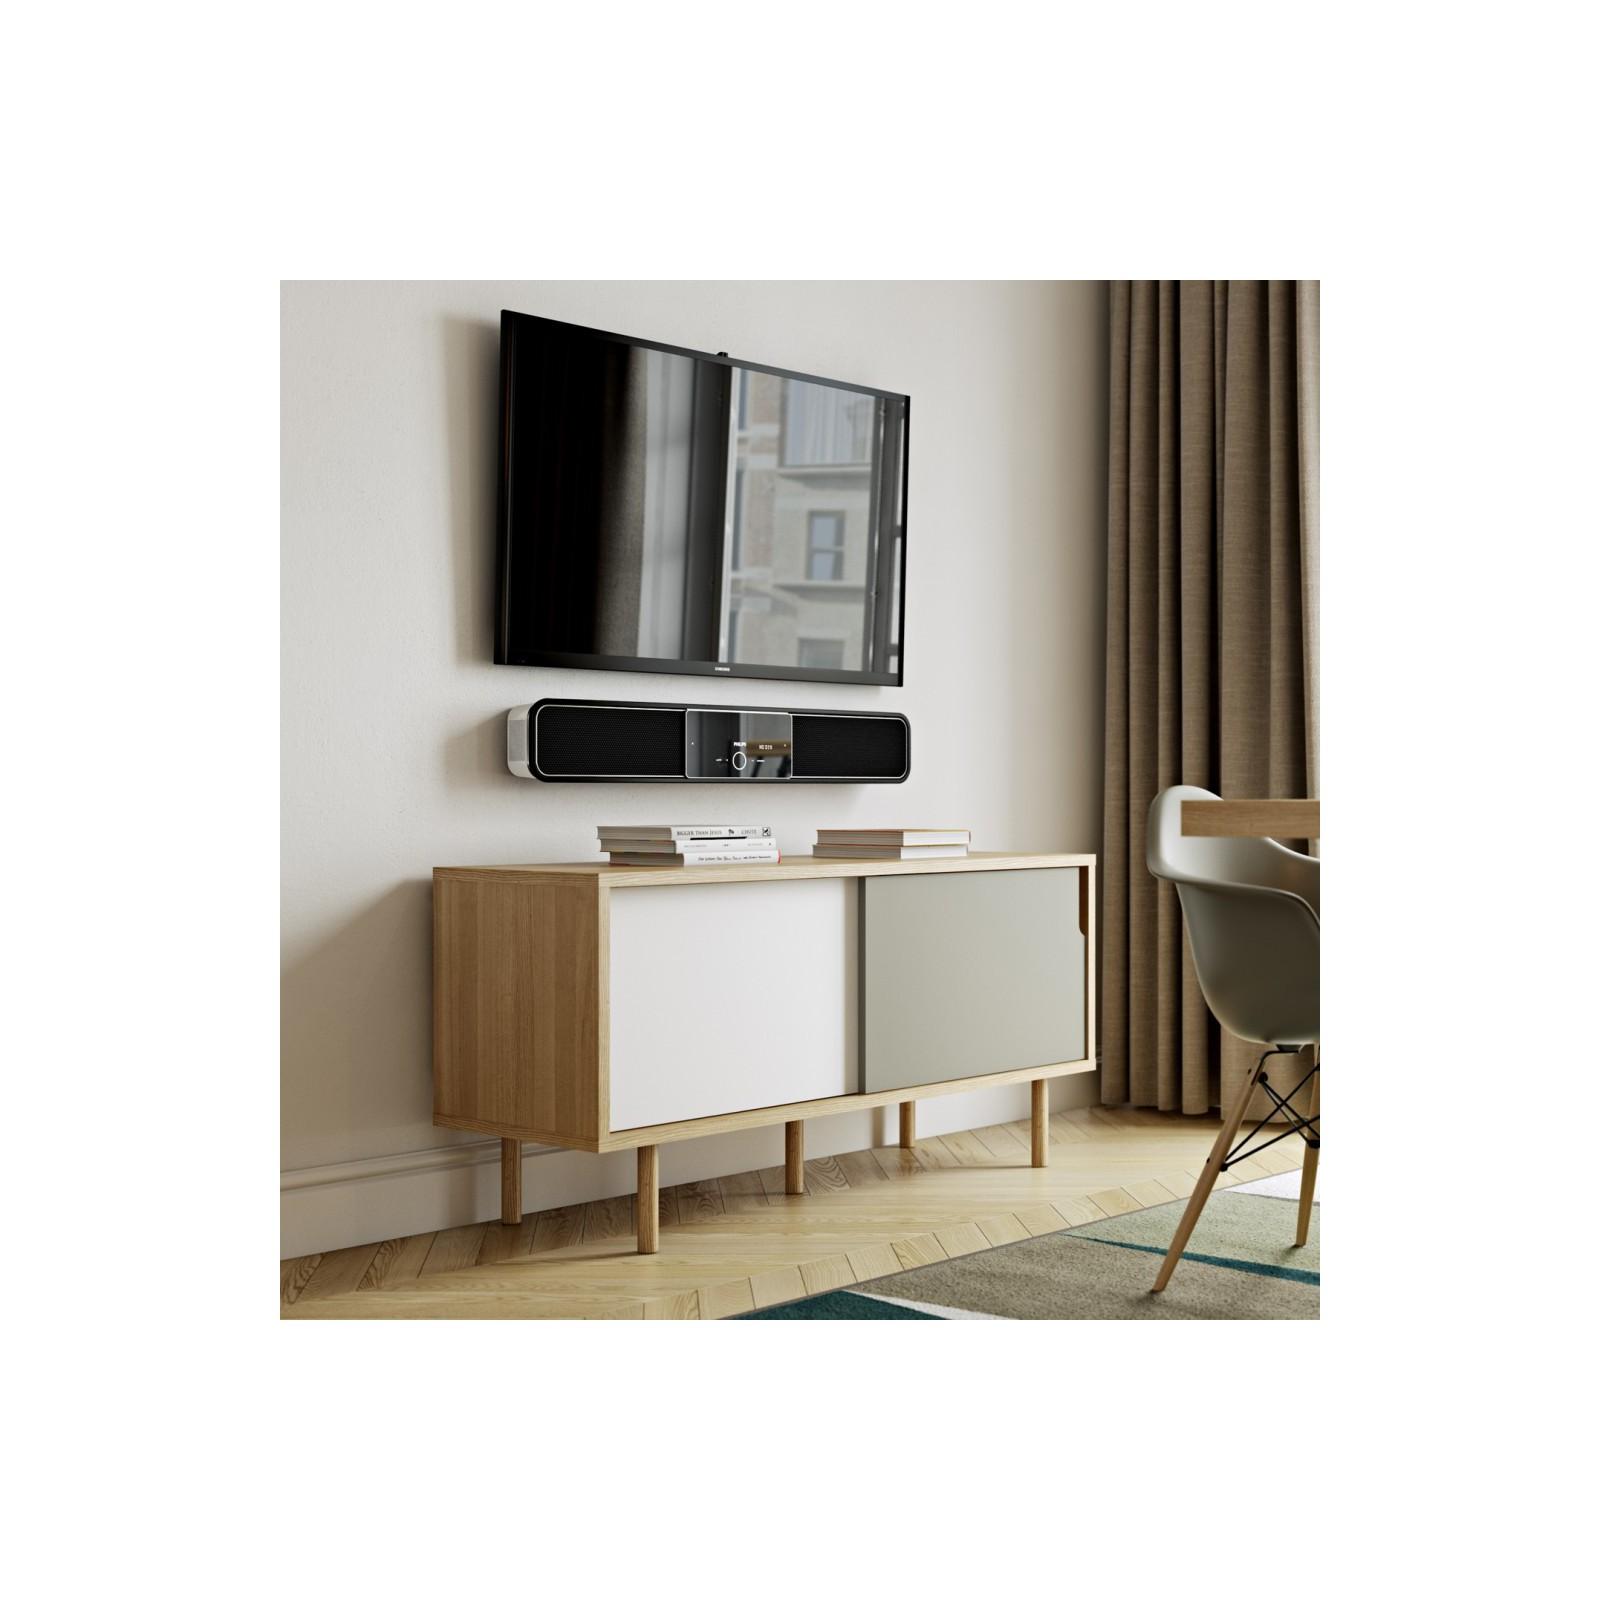 Meuble tv danois blanc et gris arne concept for Qui connait meubles concept